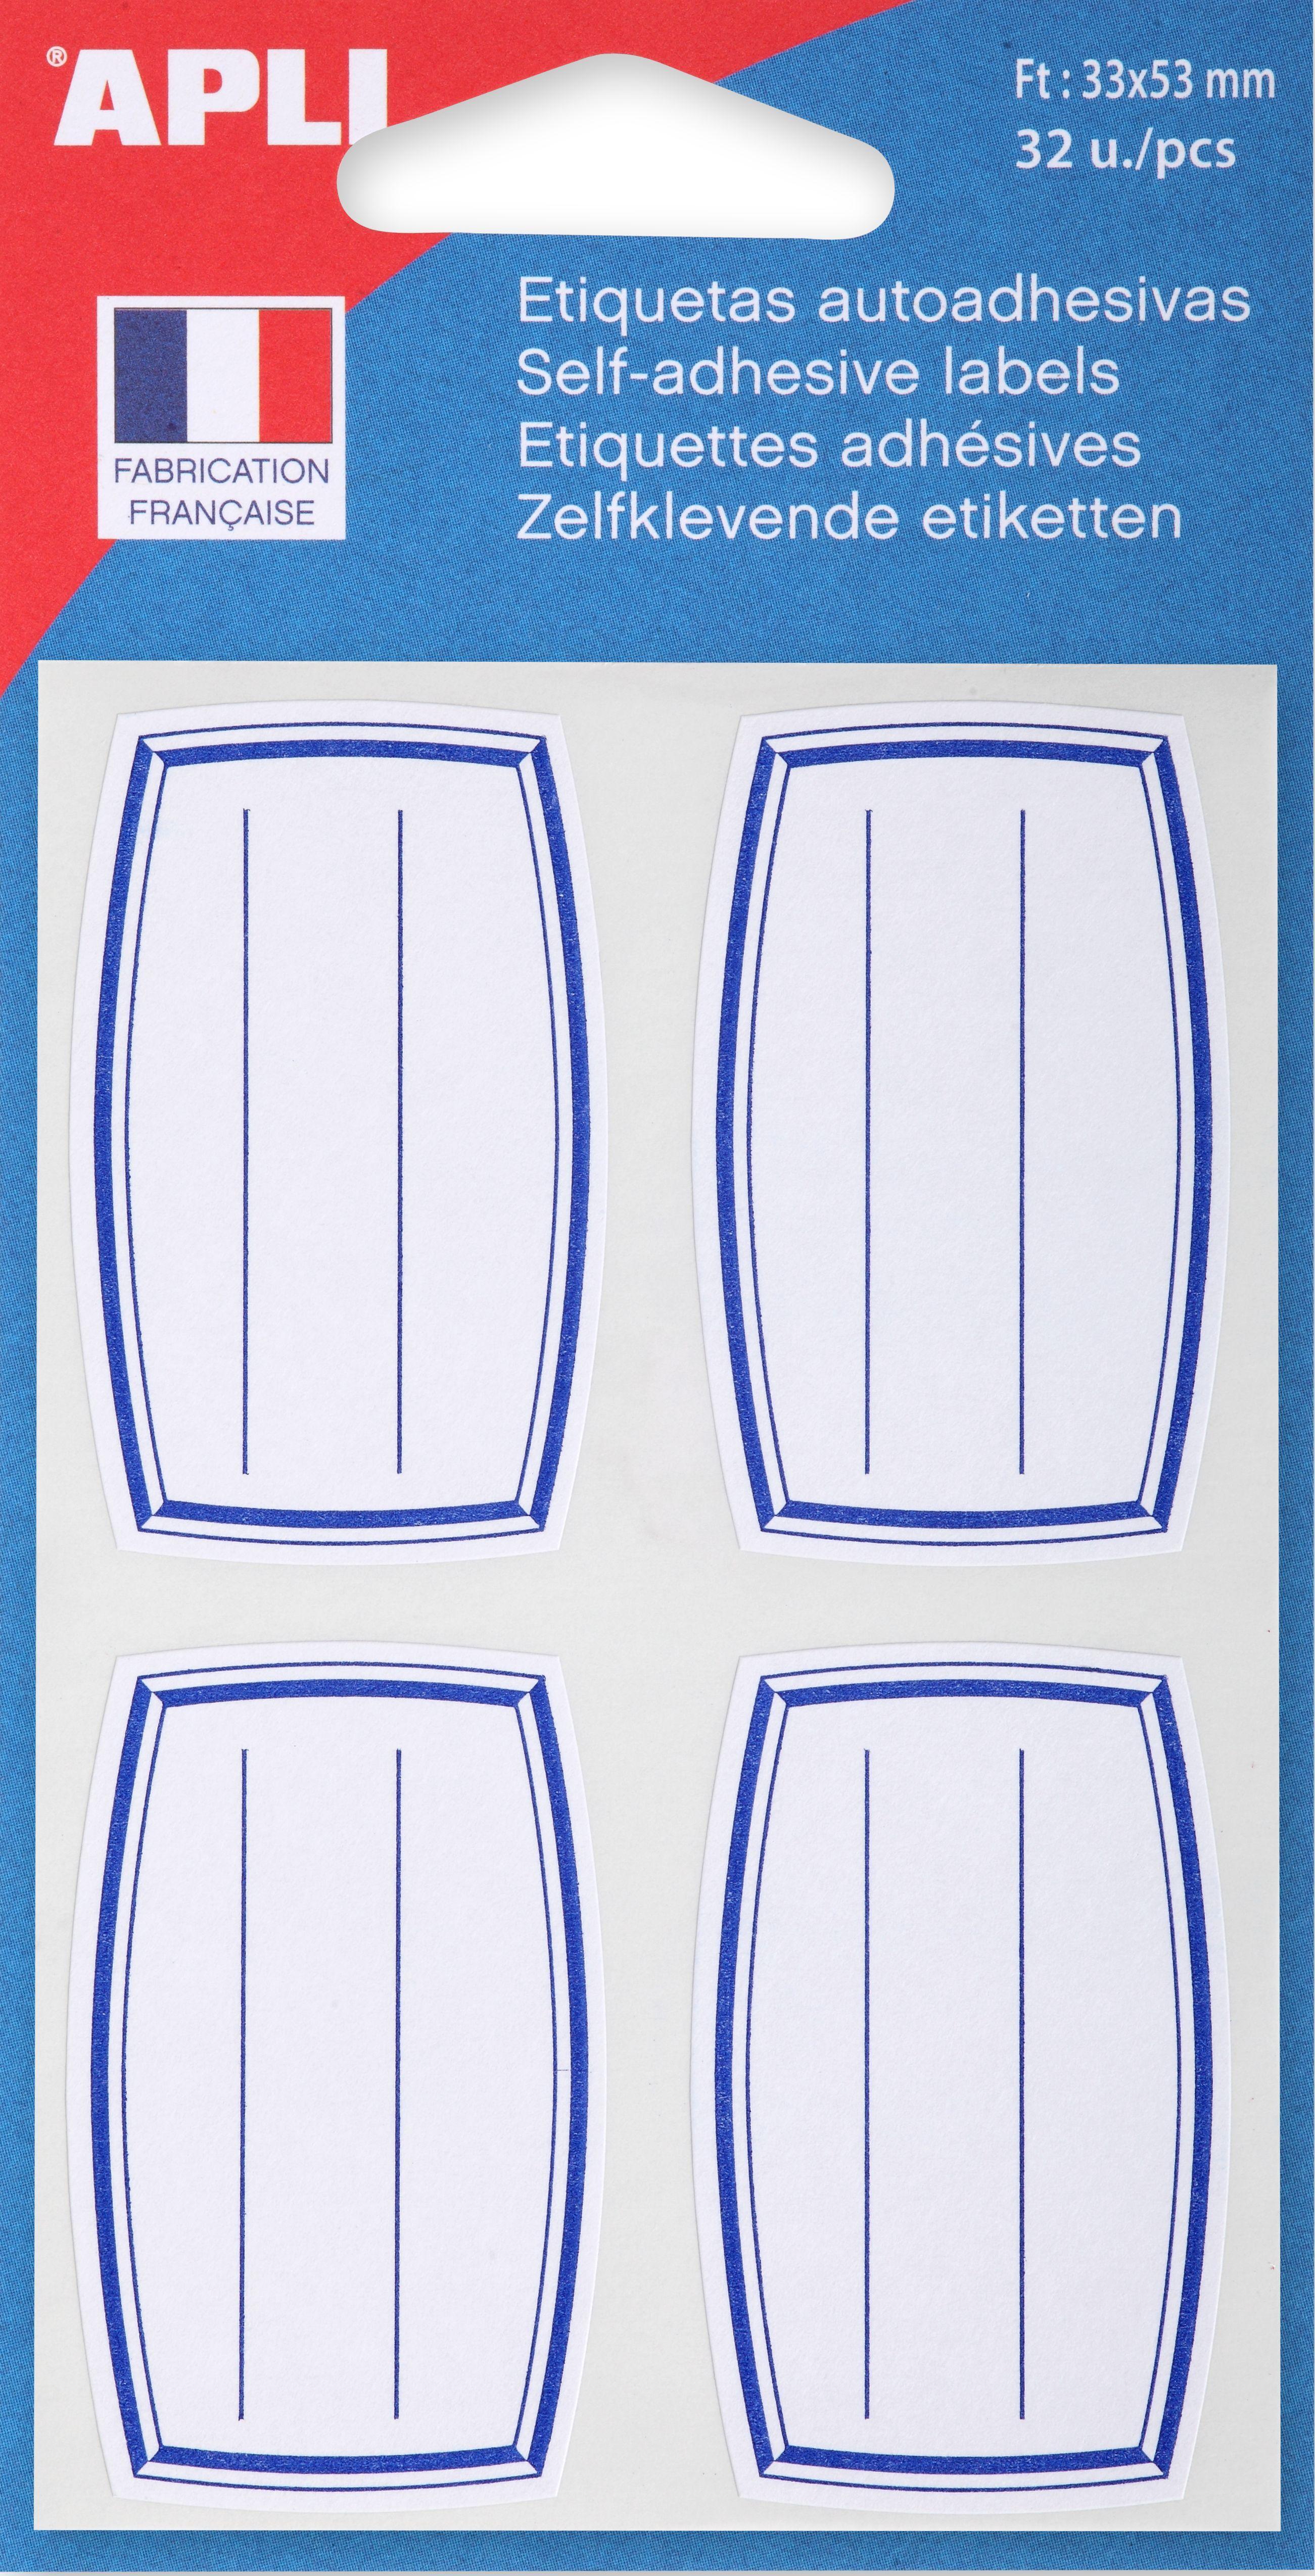 Apli - 32 Étiquettes scolaires cadre et lignes bleus - 33 x 53 mm - réf 111934